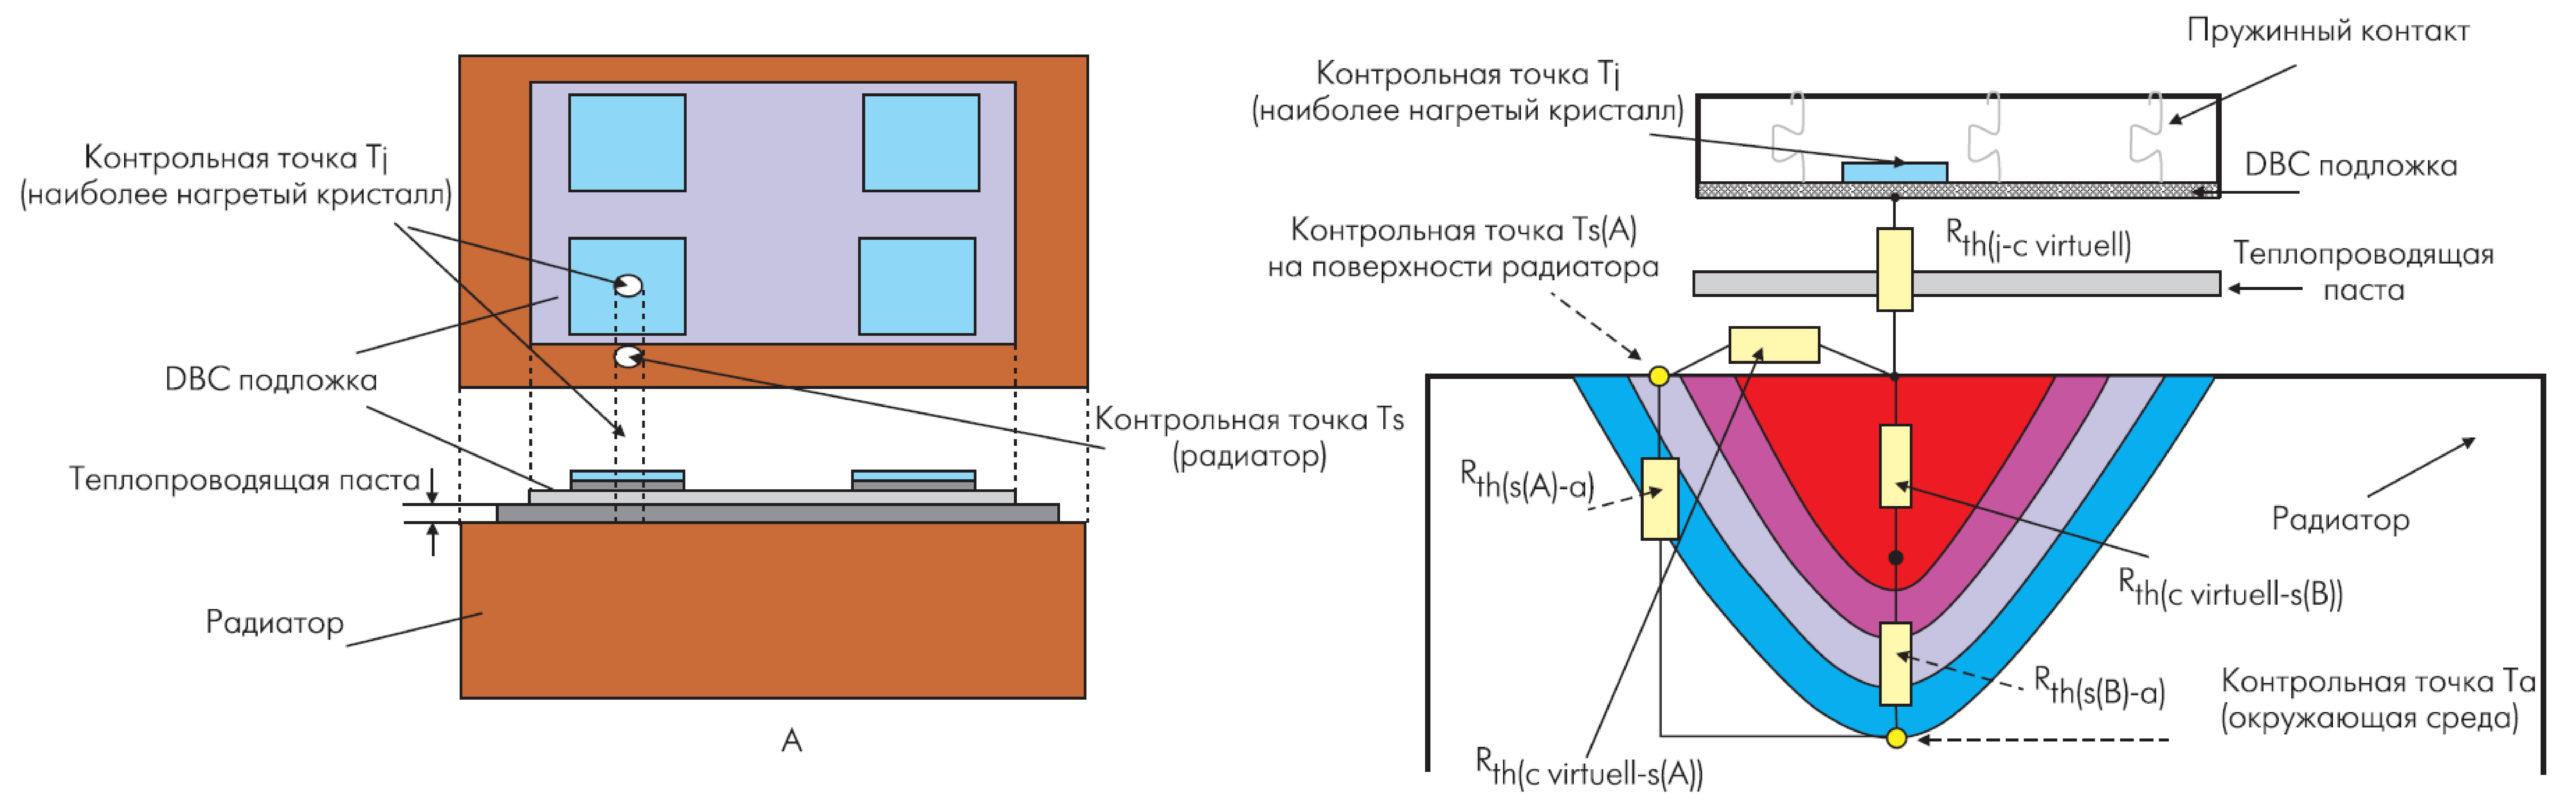 Способ измерения тепловых сопротивлений, эквивалентная тепловая схема